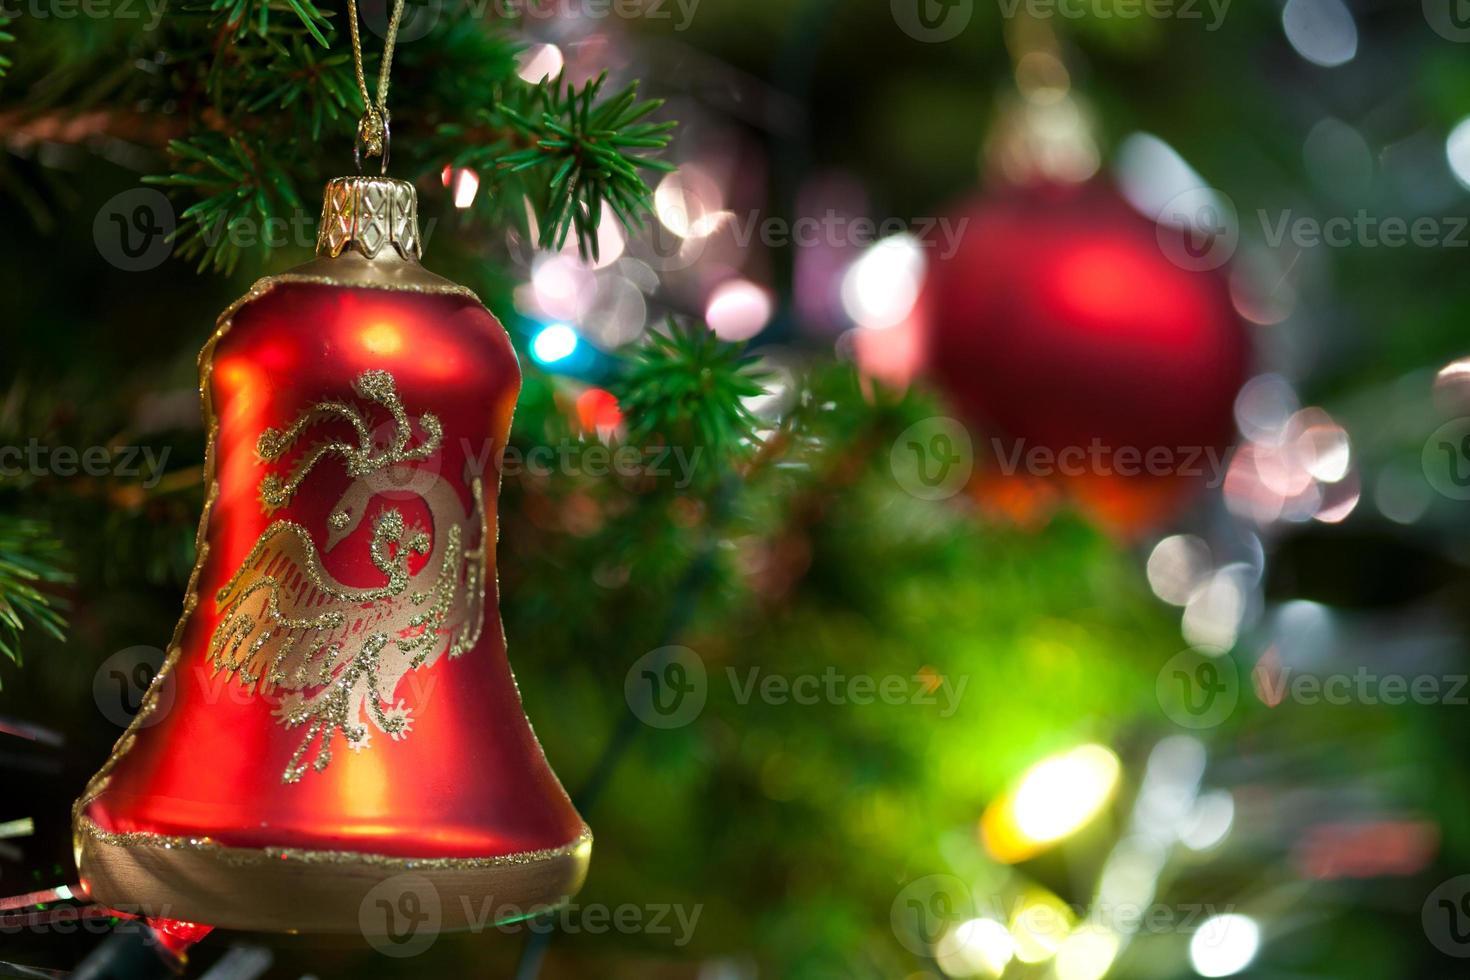 Kerst ornament met verlichte boom in de achtergrond, kopieer ruimte foto